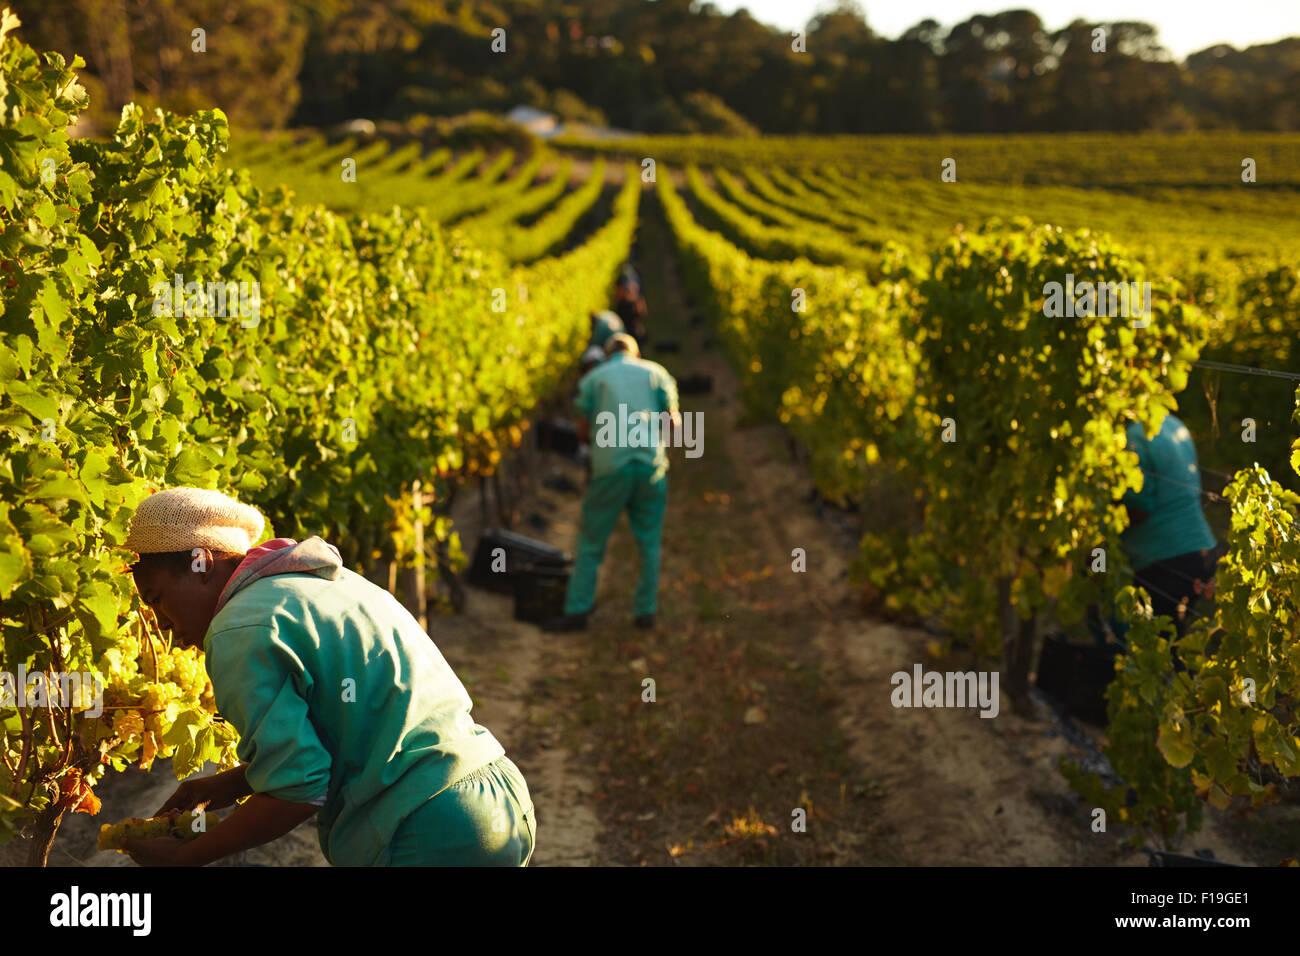 Vendangeurs travaillant dans le secteur des vignes. Les travailleurs agricoles dans la récolte de raisin vigne Photo Stock